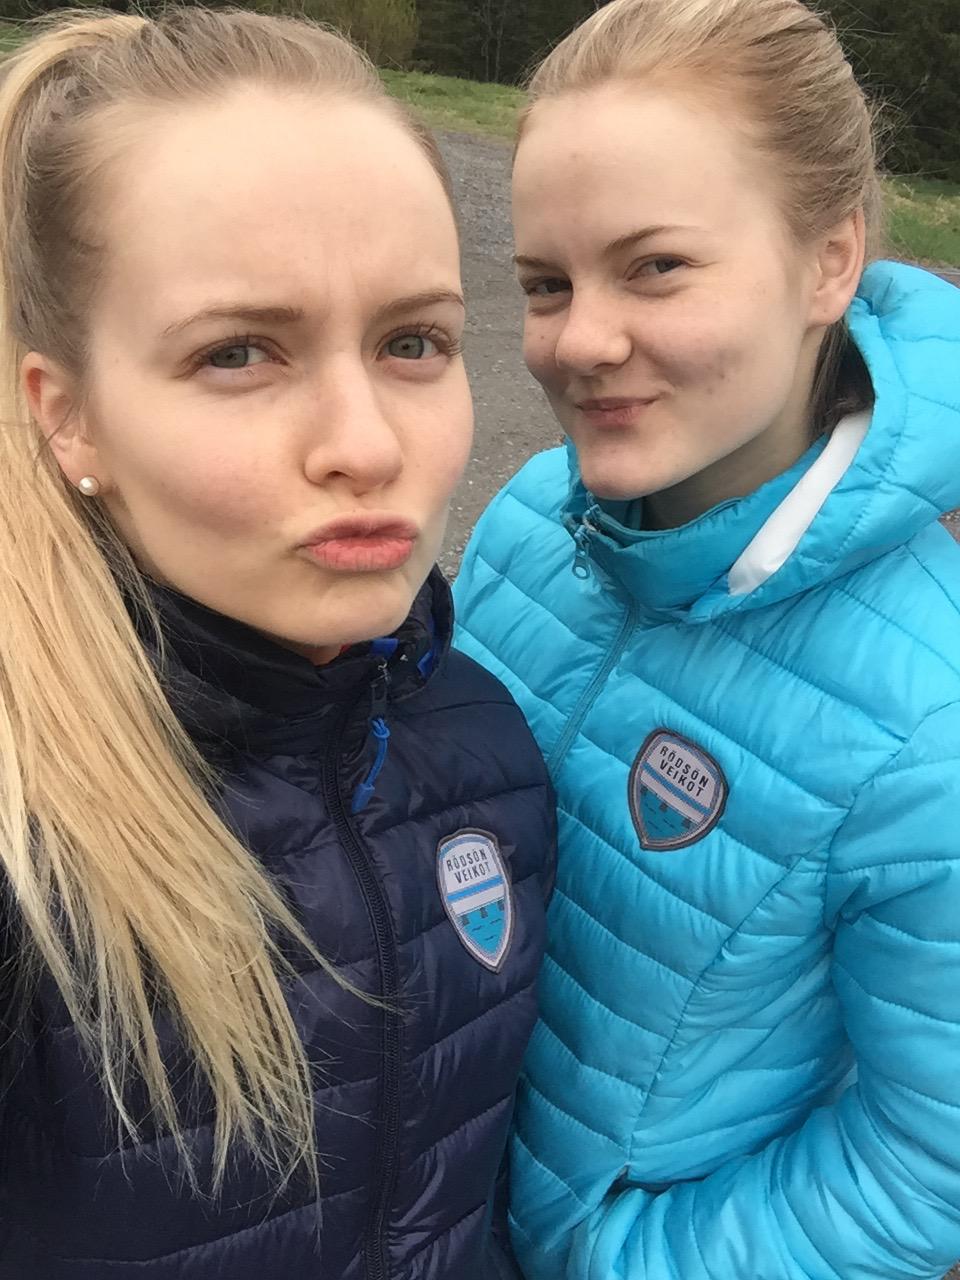 Jag och syster och vår comeback på fotbollsplan 2016. Viva la Rödsön Veikot!